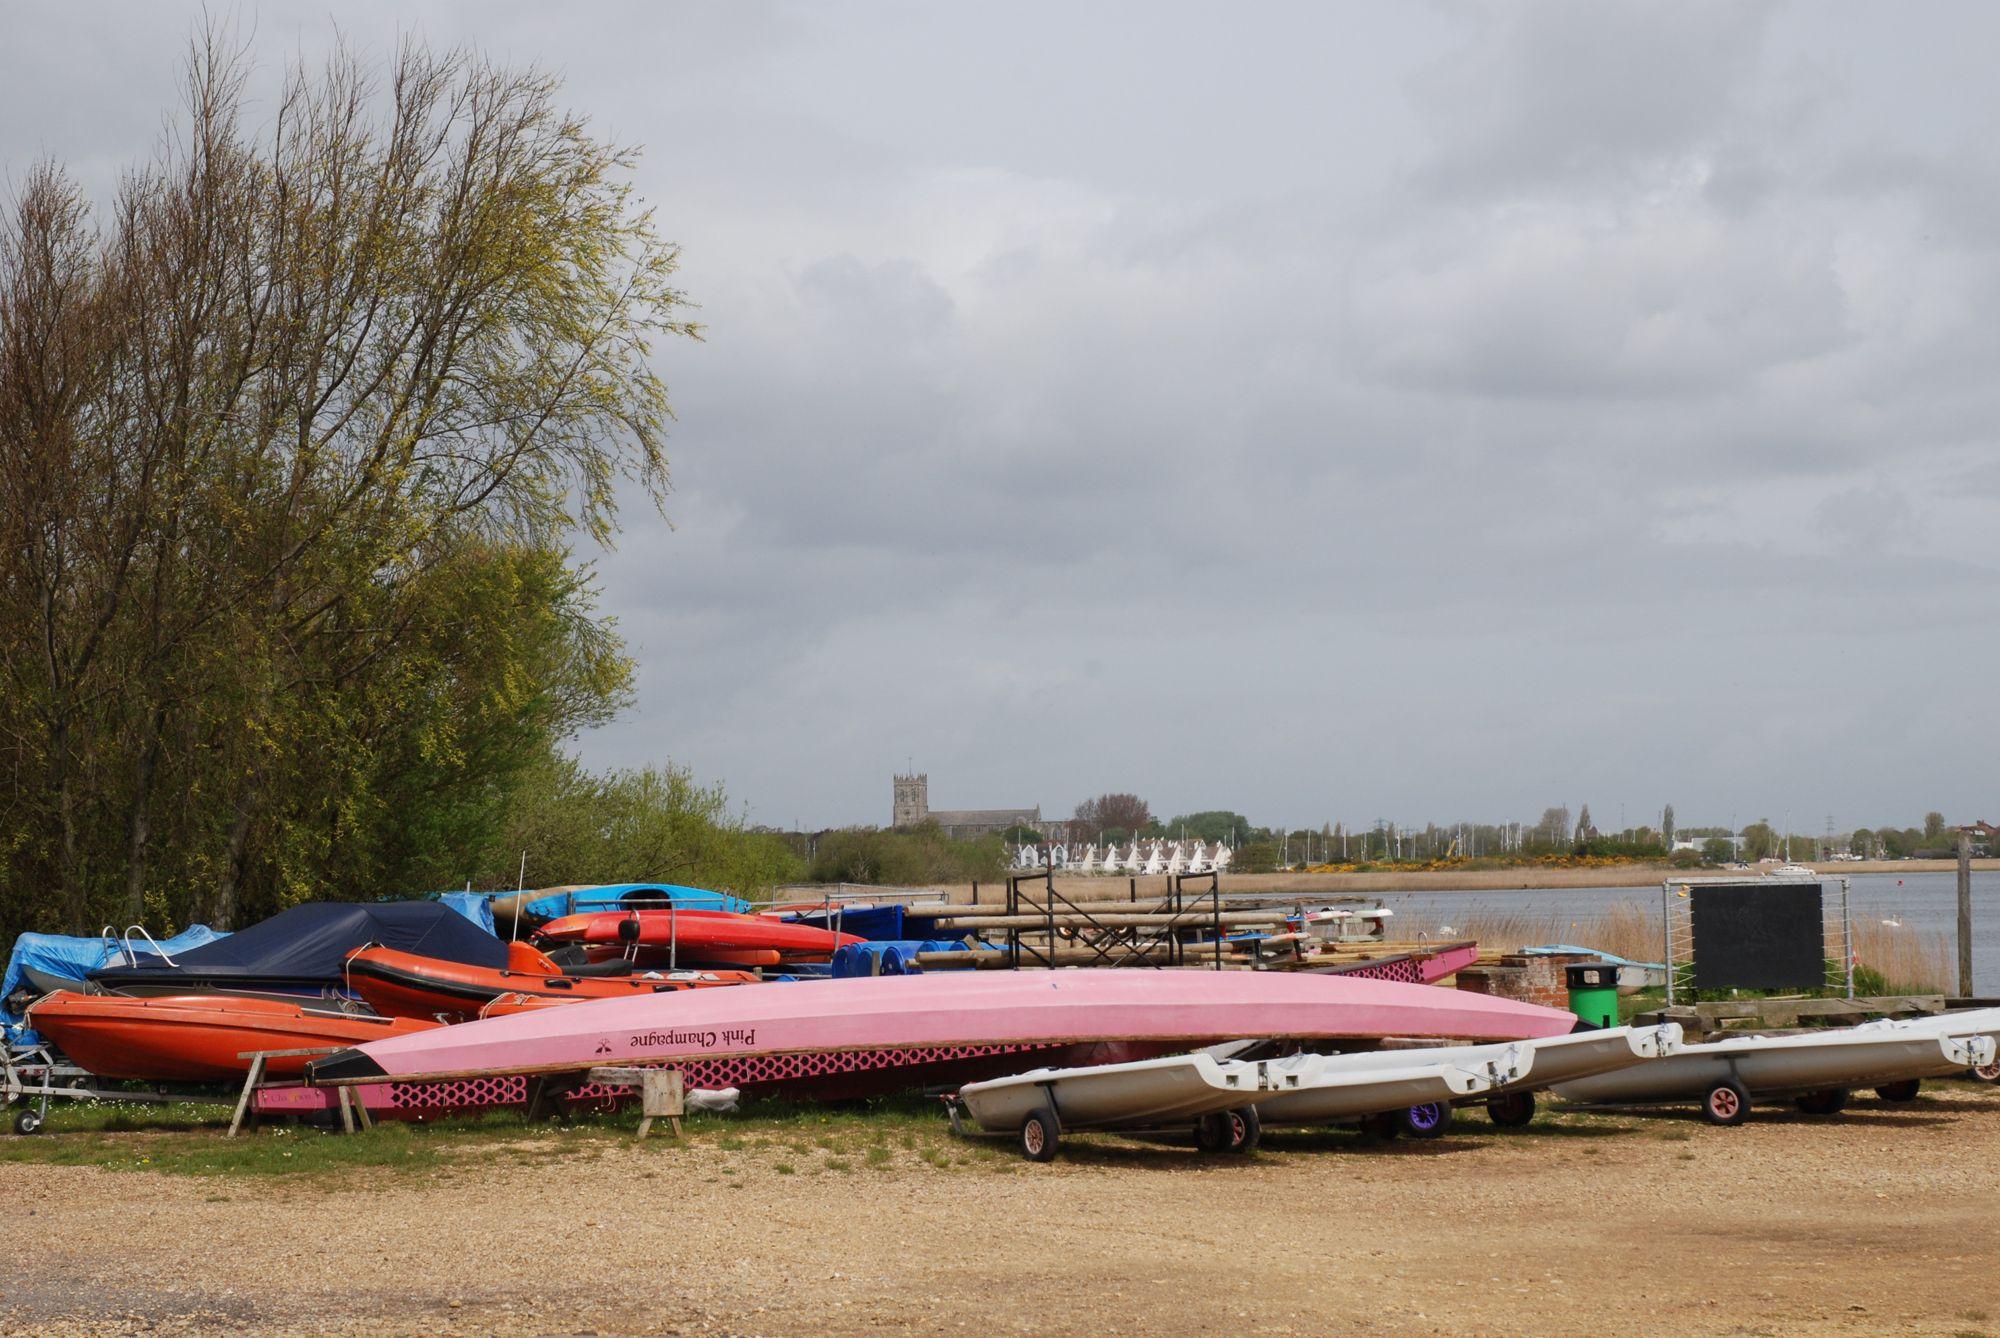 Hengistbury Head Outdoor Centre